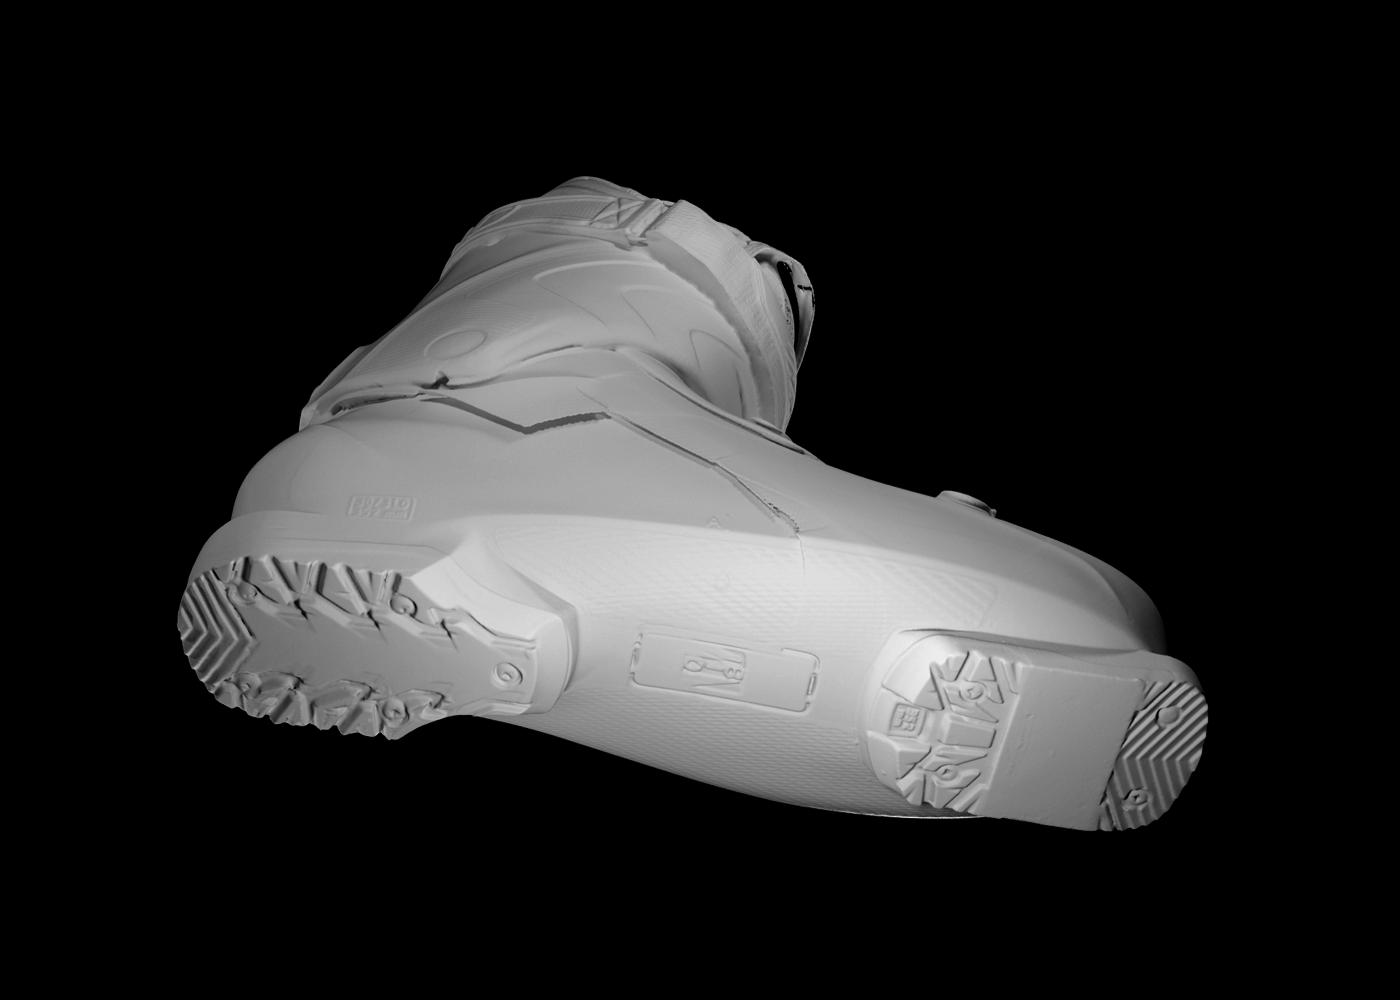 scansione 3d di scarpone da scii 2